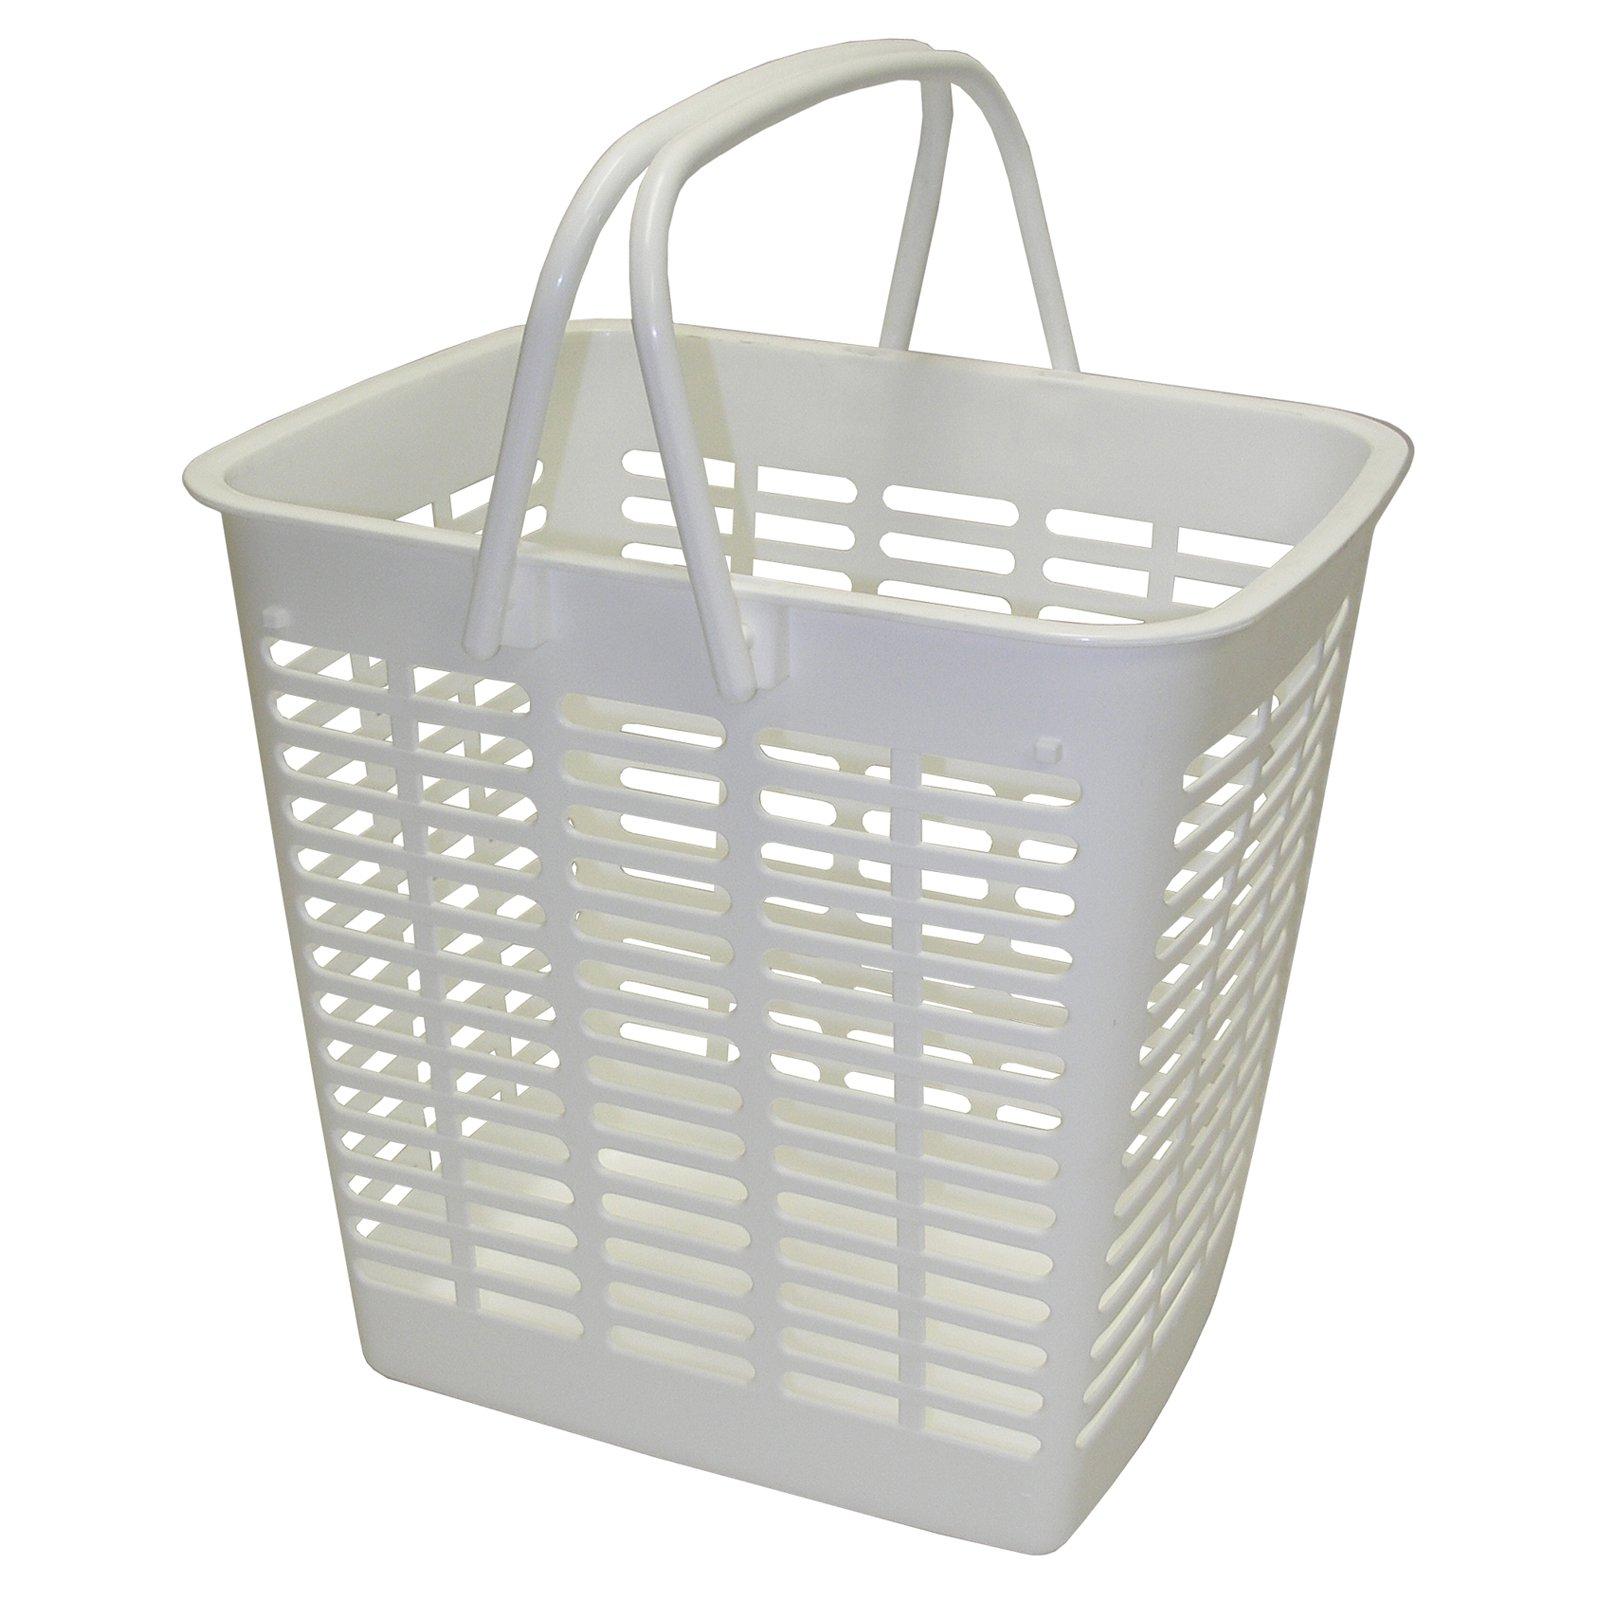 Dial Industries E1210W White Mini Tote Basket